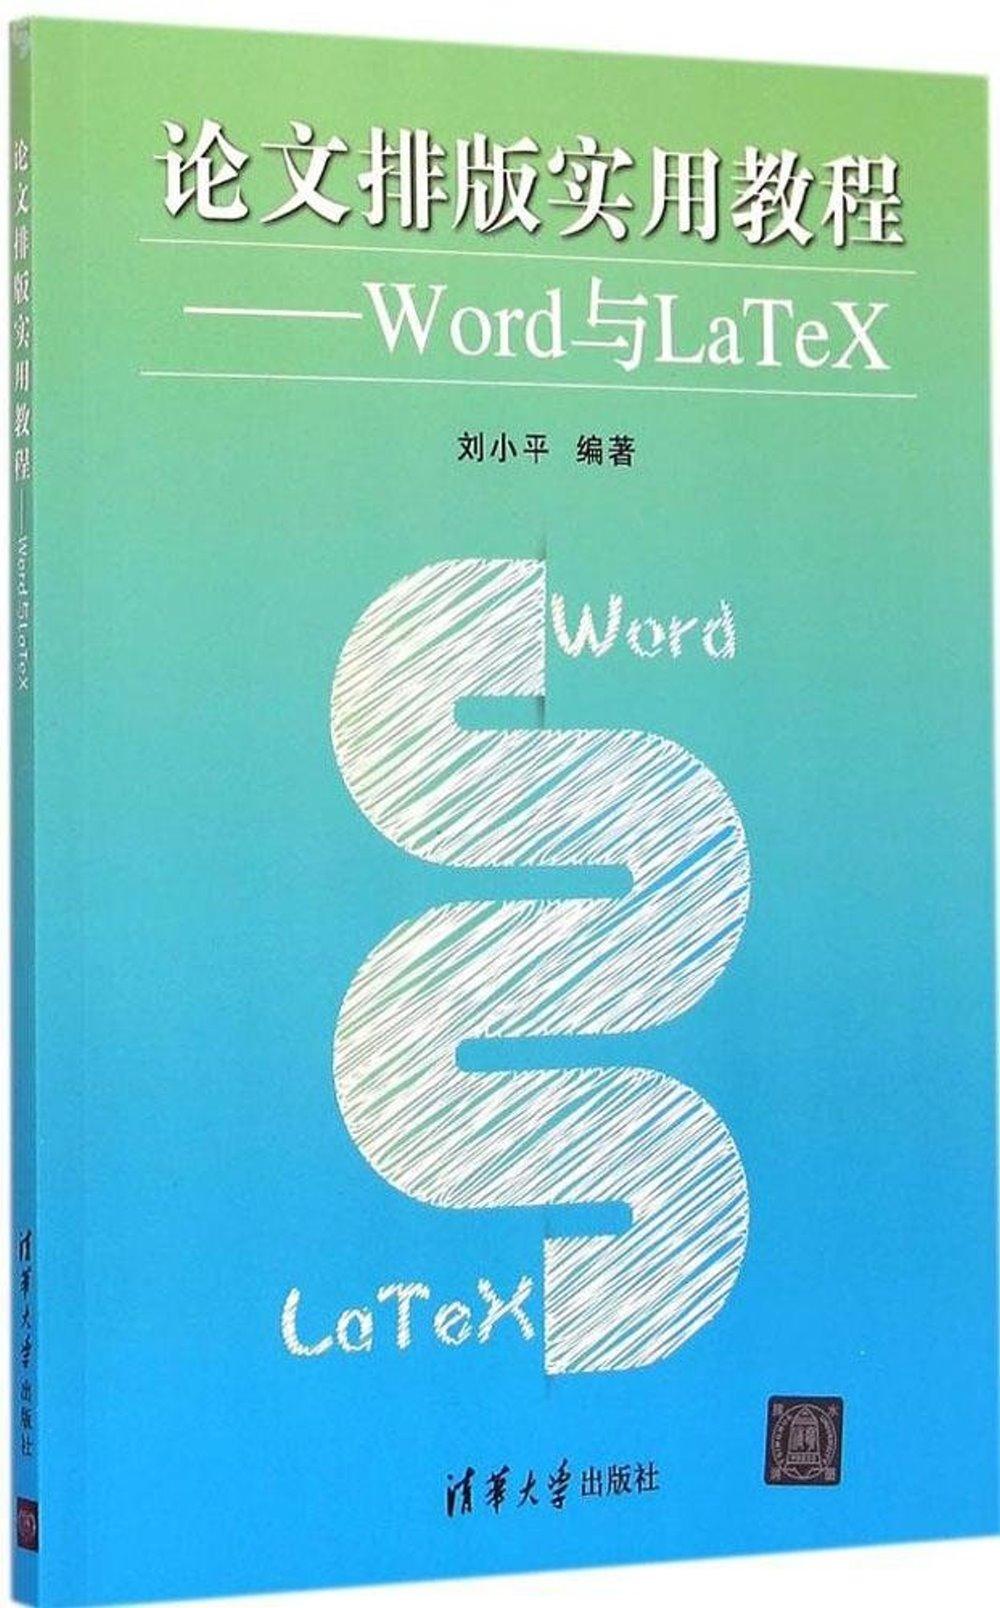 論文排版 教程~~Word與LaTeX